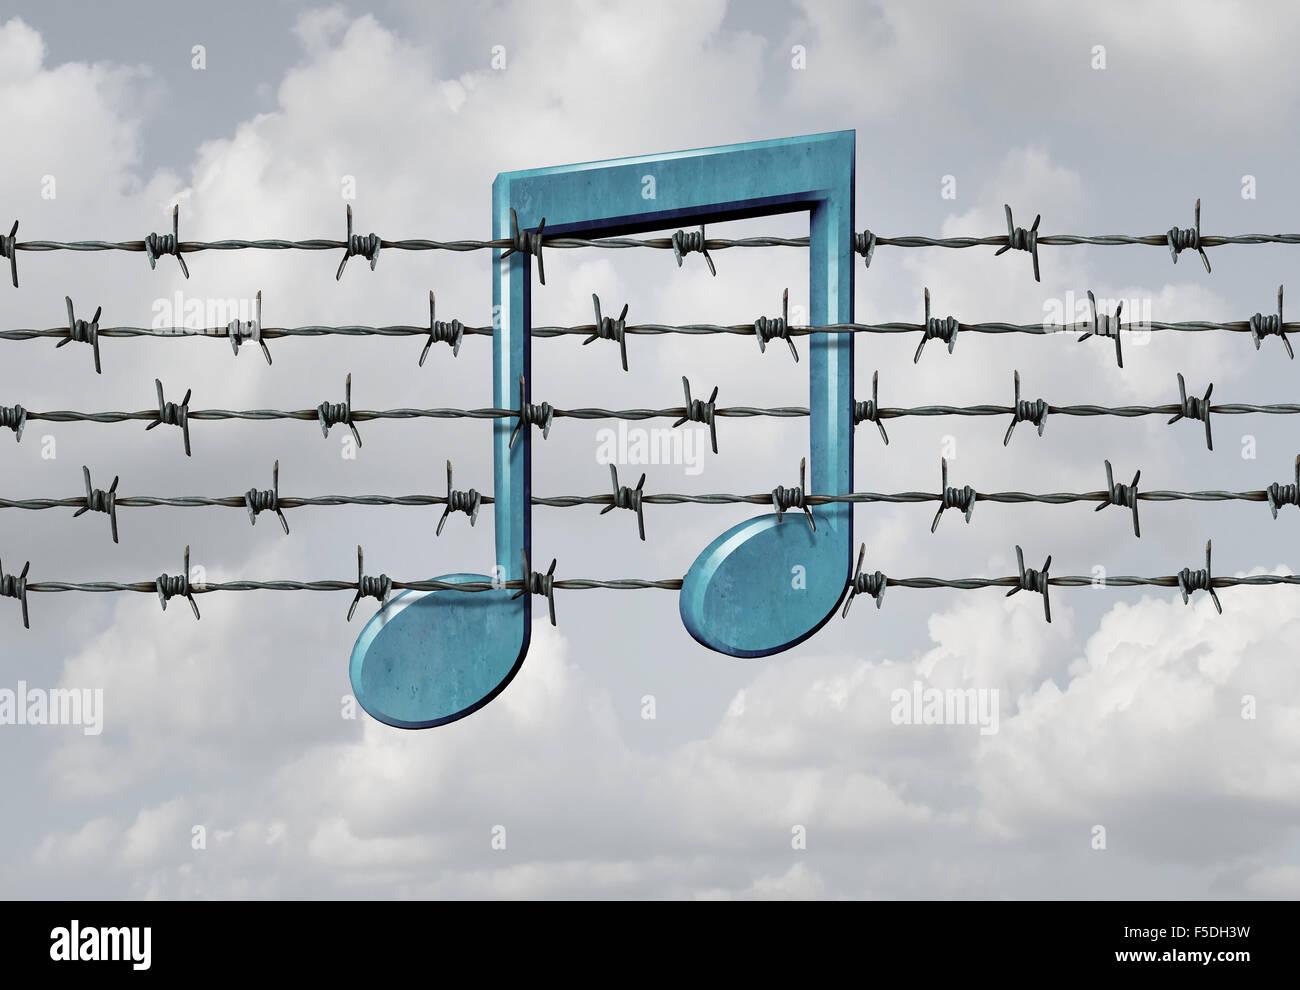 La censure des médias et de la musique concept symbole de restriction à une note de musique sur une barb Photo Stock